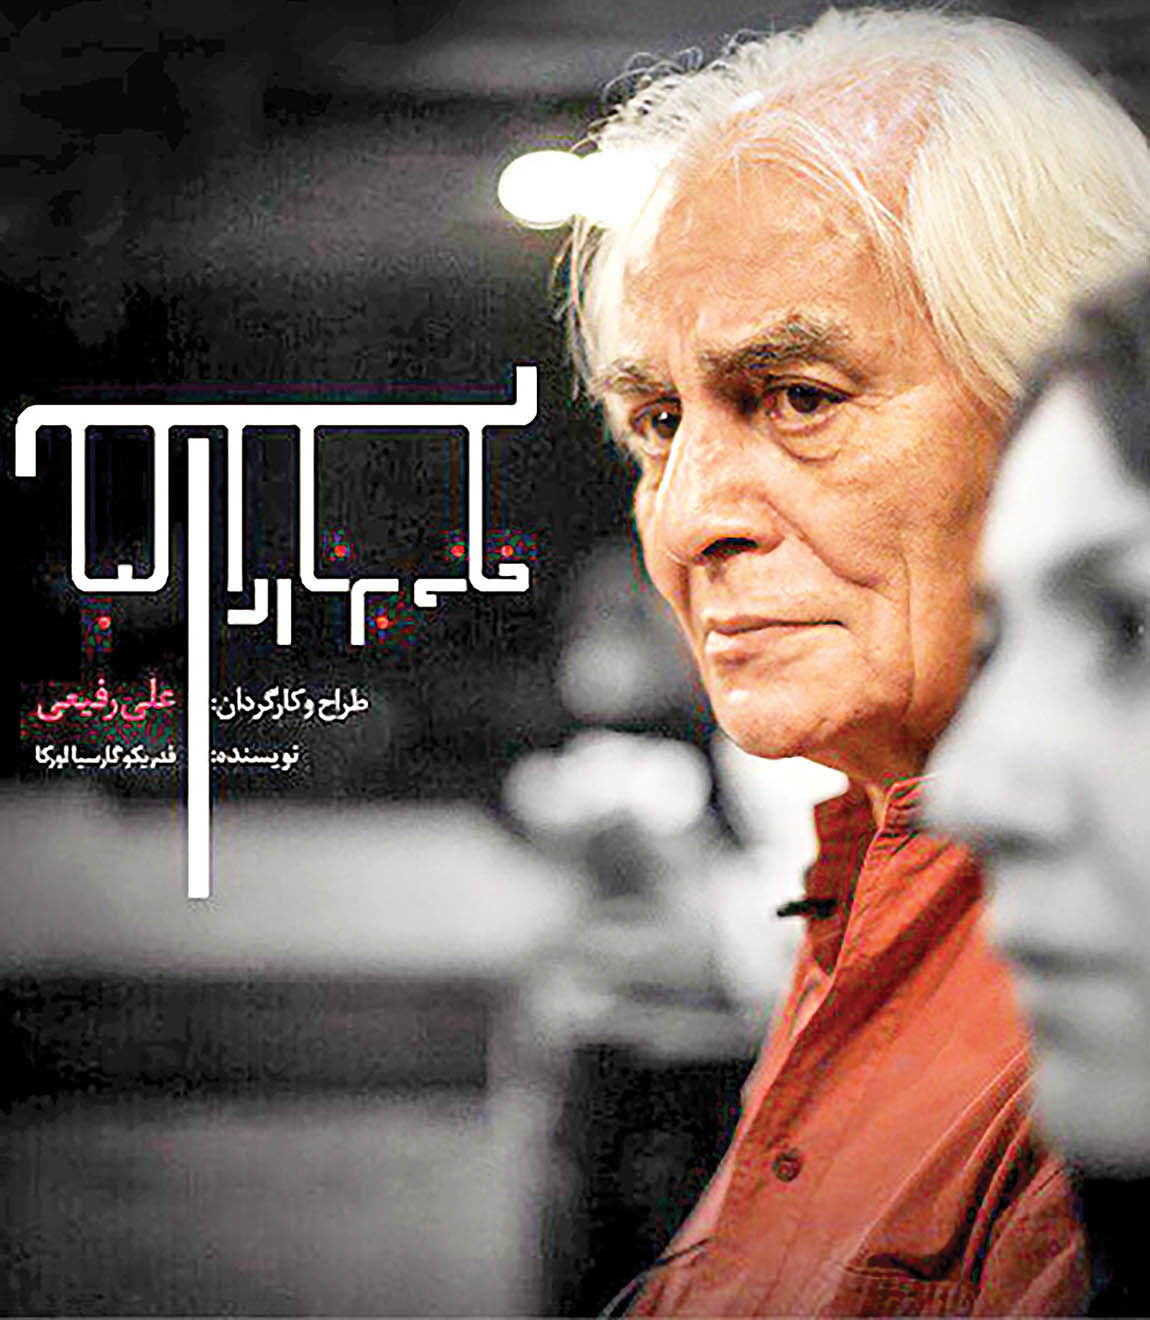 اجرای «خانه برناردا آلبا» به کارگردانی علی رفیعی